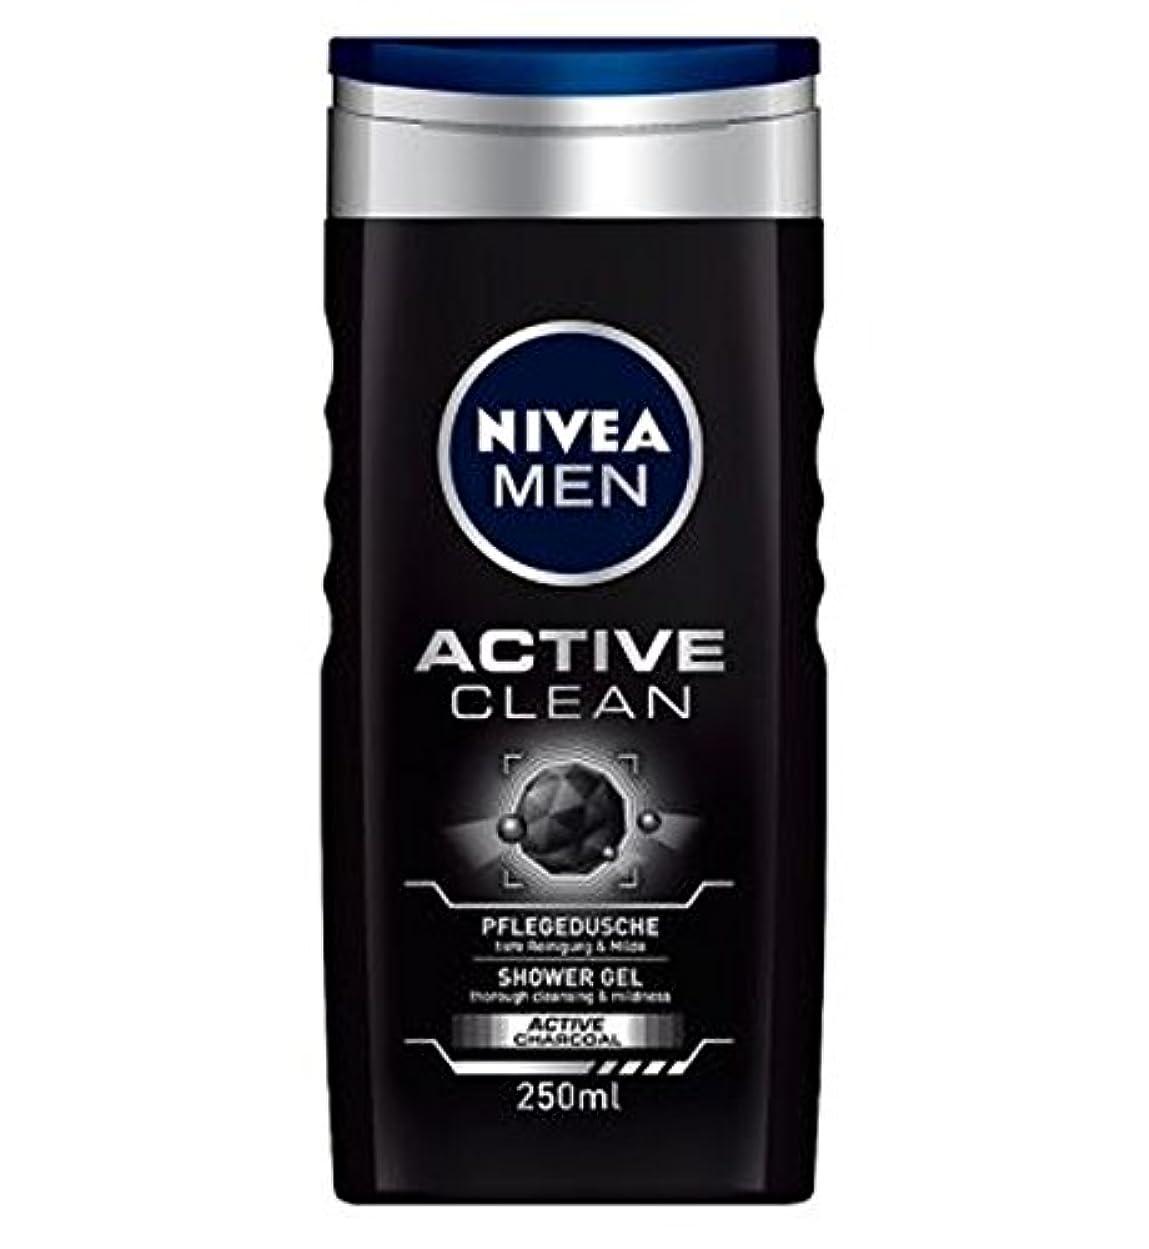 文明化する決定するゲージニベアの男性アクティブクリーンシャワージェル250ミリリットル (Nivea) (x2) - NIVEA MEN Active Clean Shower Gel 250ml (Pack of 2) [並行輸入品]